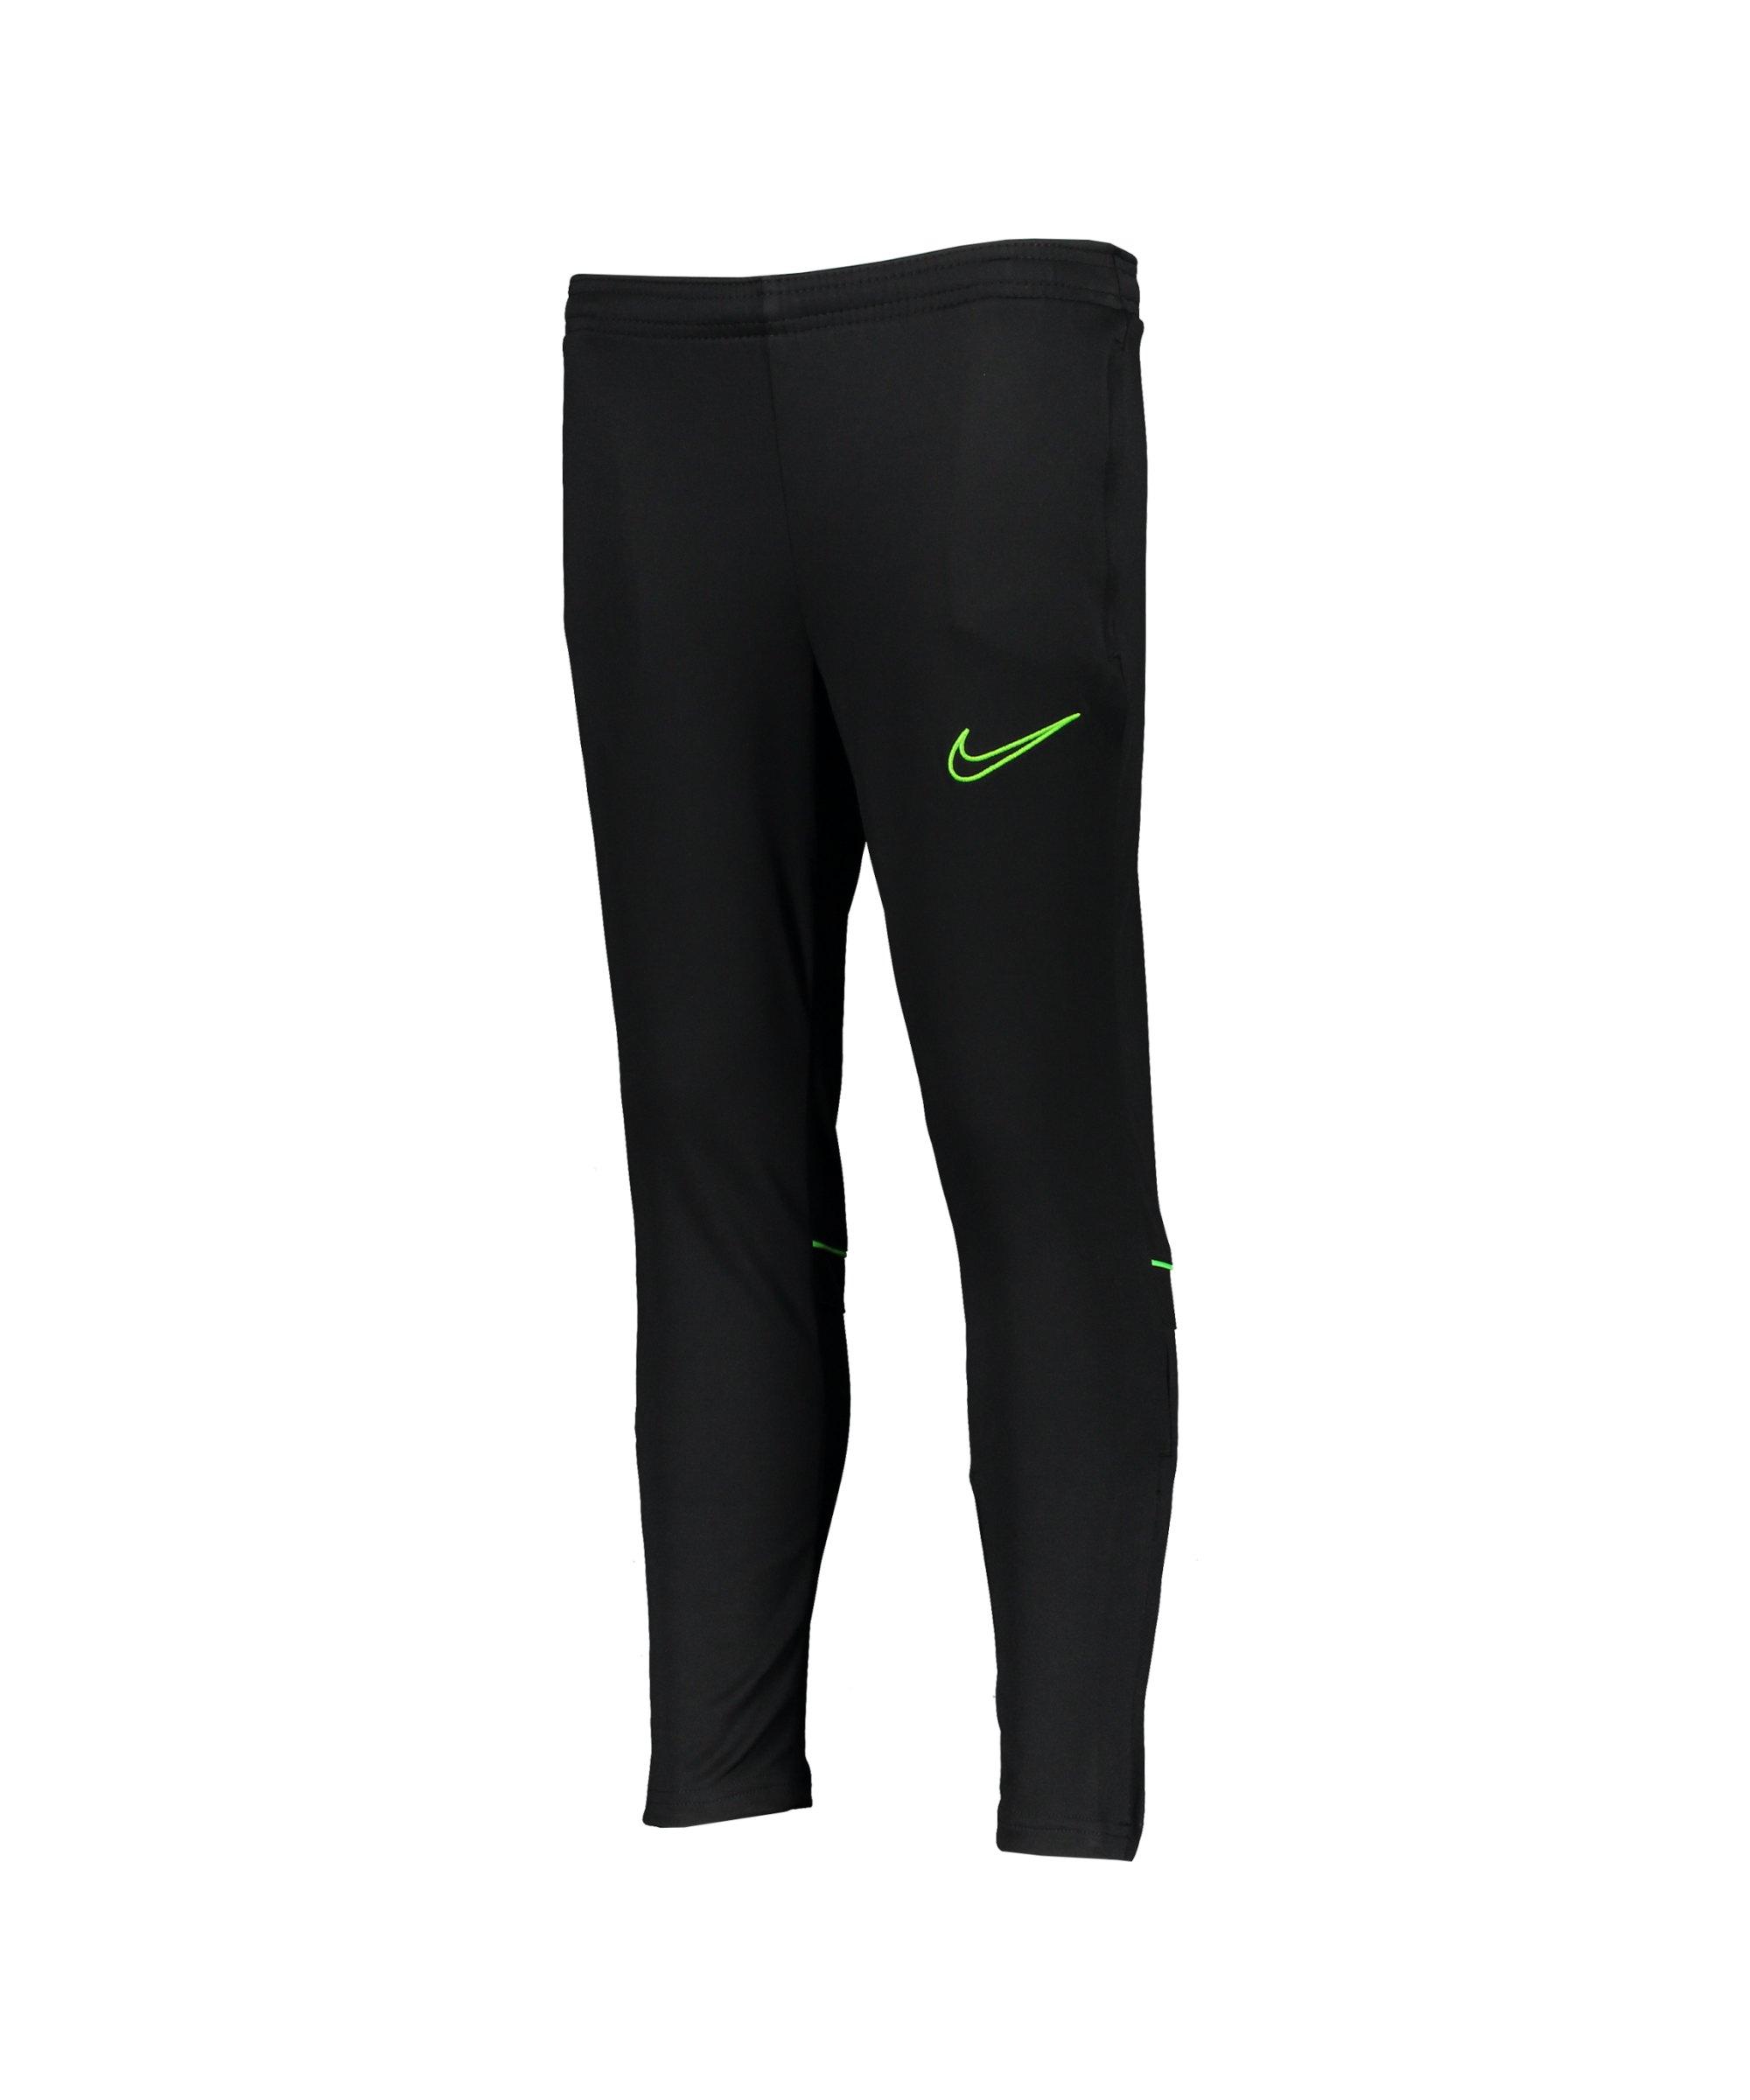 Nike Academy 21 Trainingshose Kids F014 - schwarz